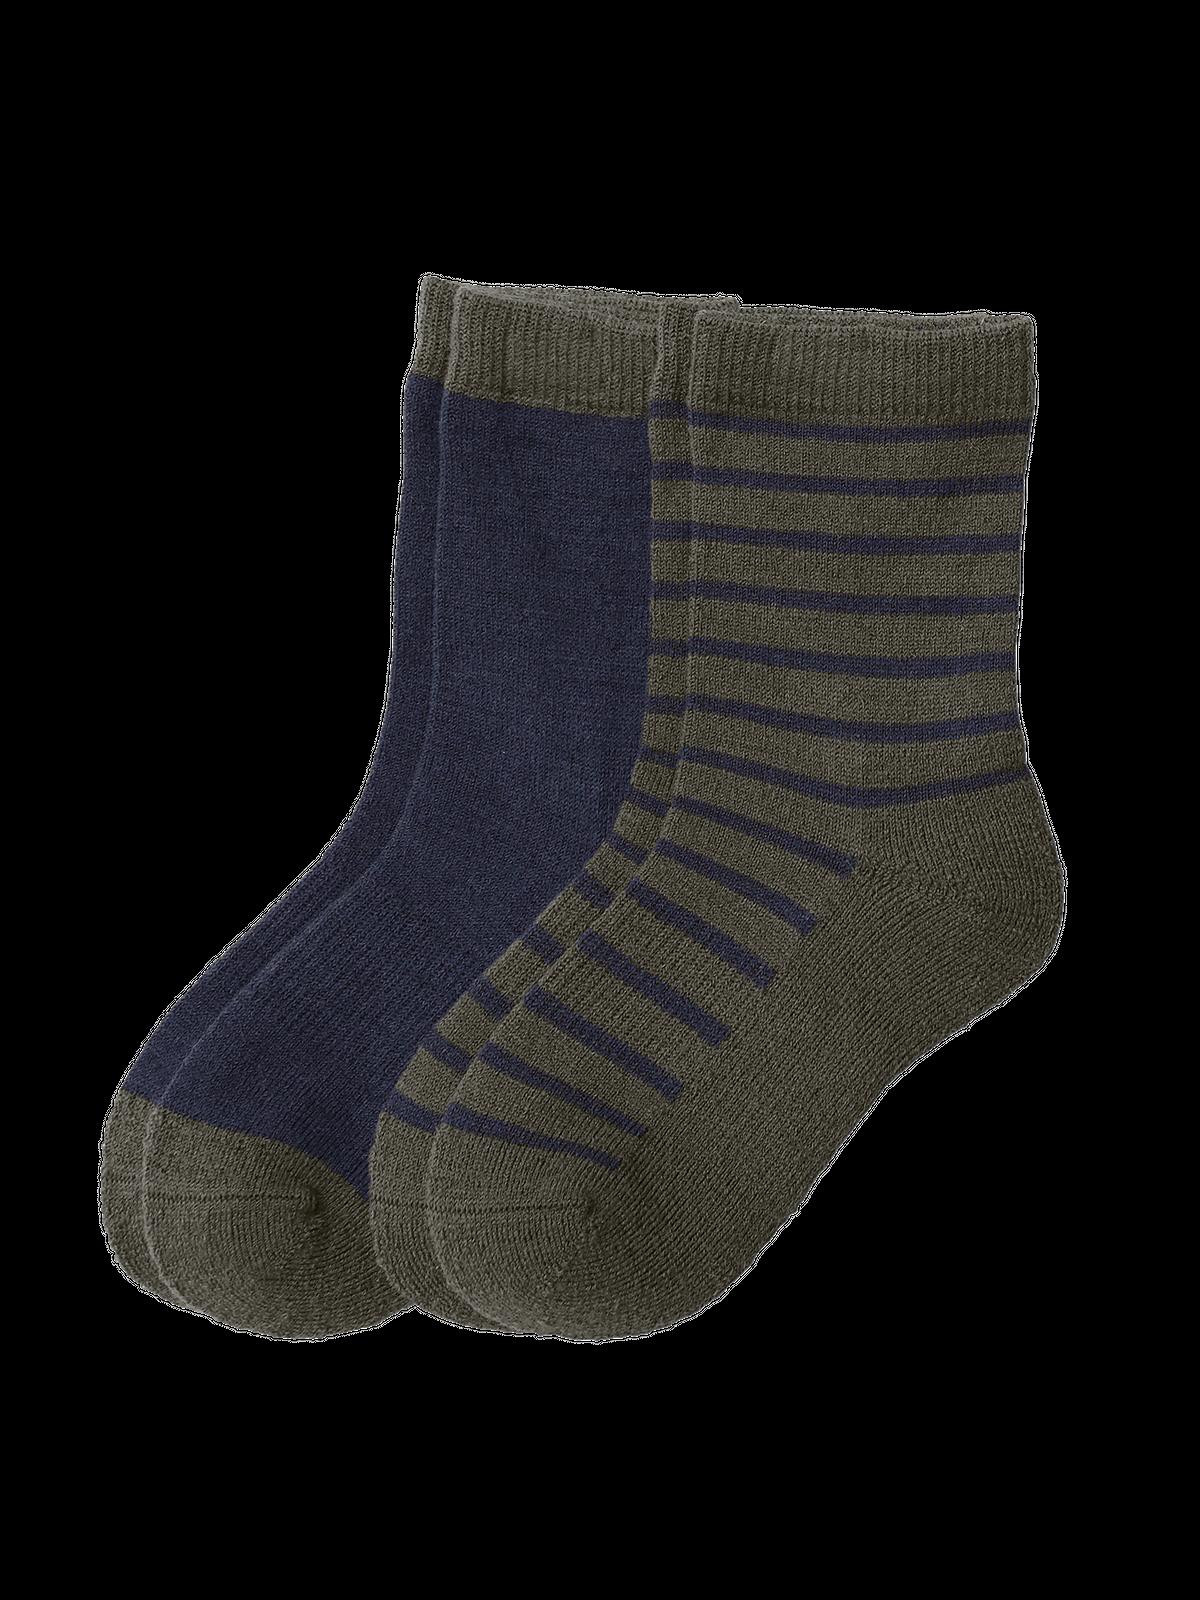 Wool Sock Kids 2-p Kakigrønn